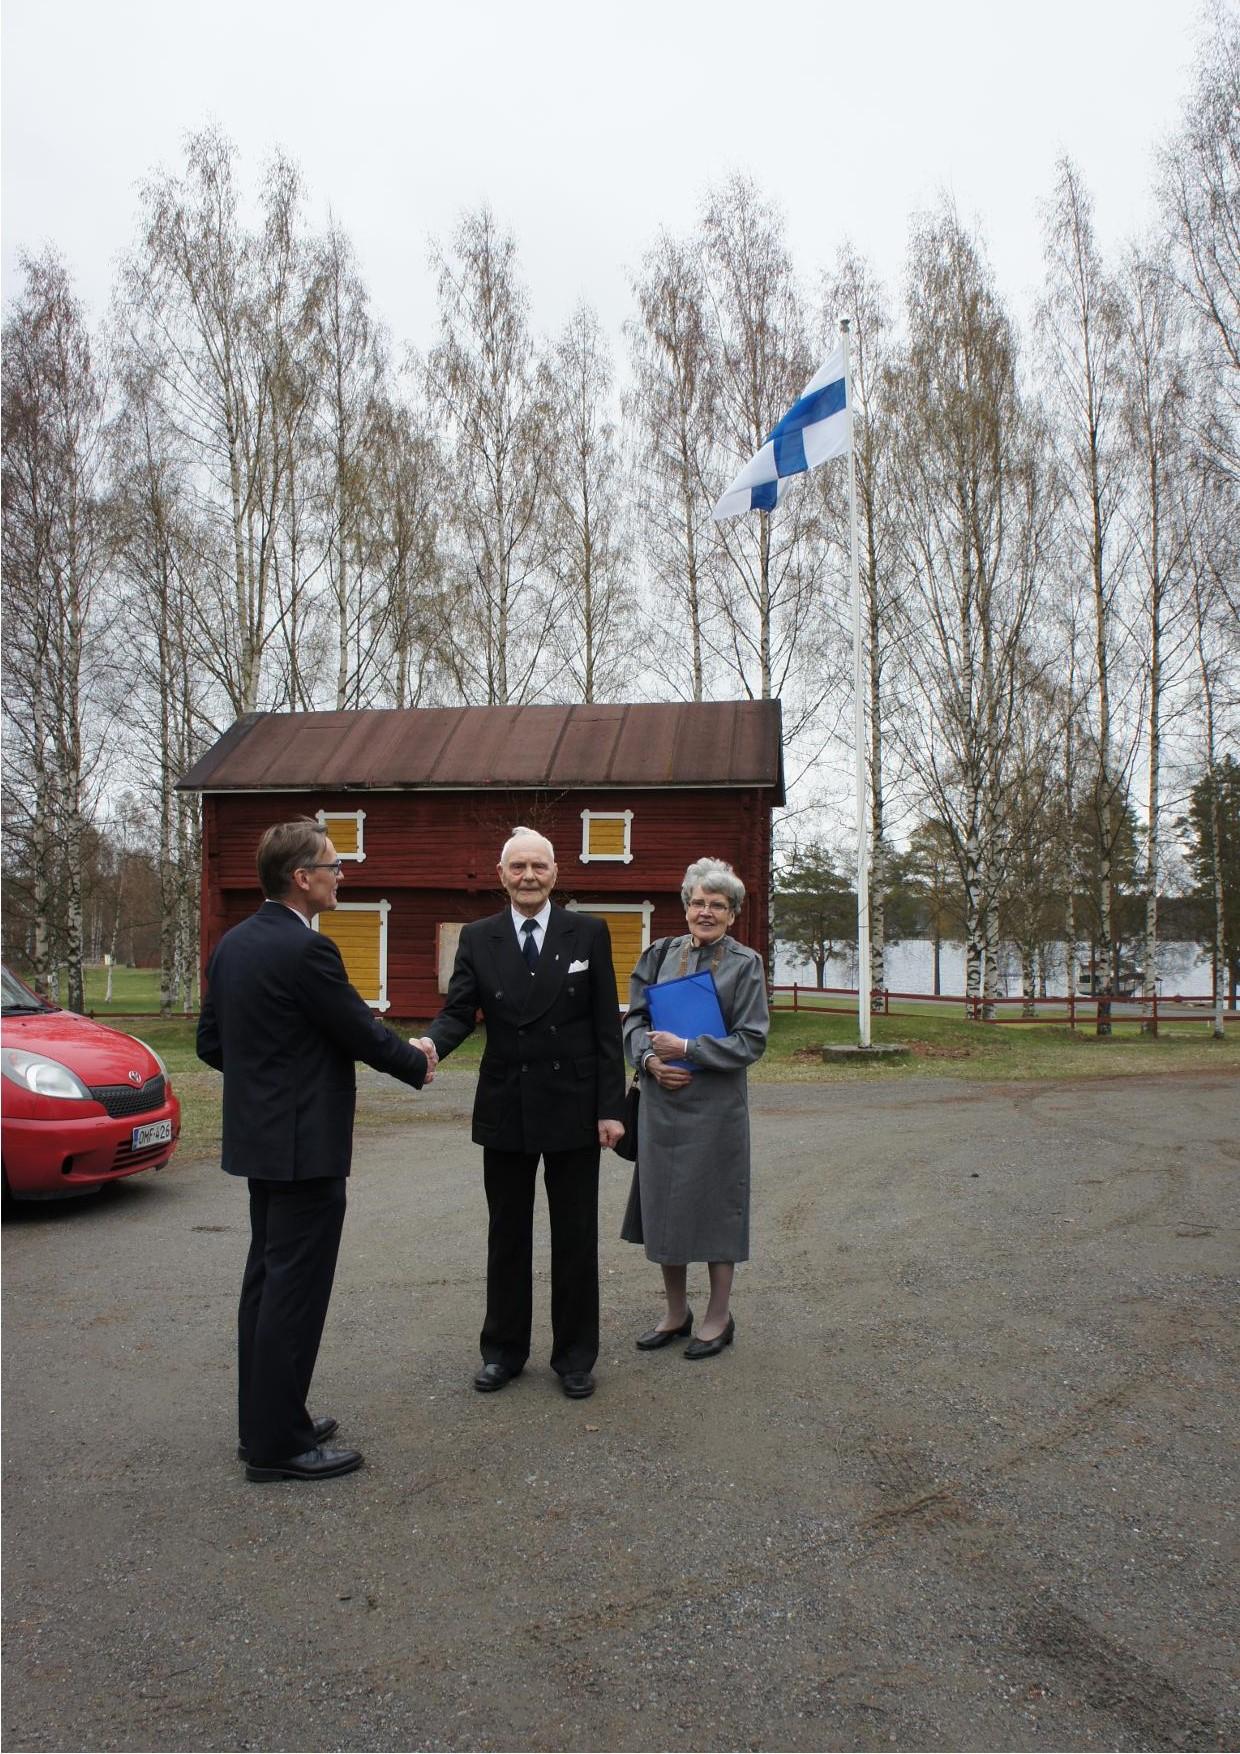 Aarre ja Kerttu Öörni saapumassa kotiseututalo Taavintuvalle, jossa juhla pidettiin jo lauantainan 10.5.. Heitä oli vastaanottamassa Riitta tyttären puoliso Mikko Päällysaho.